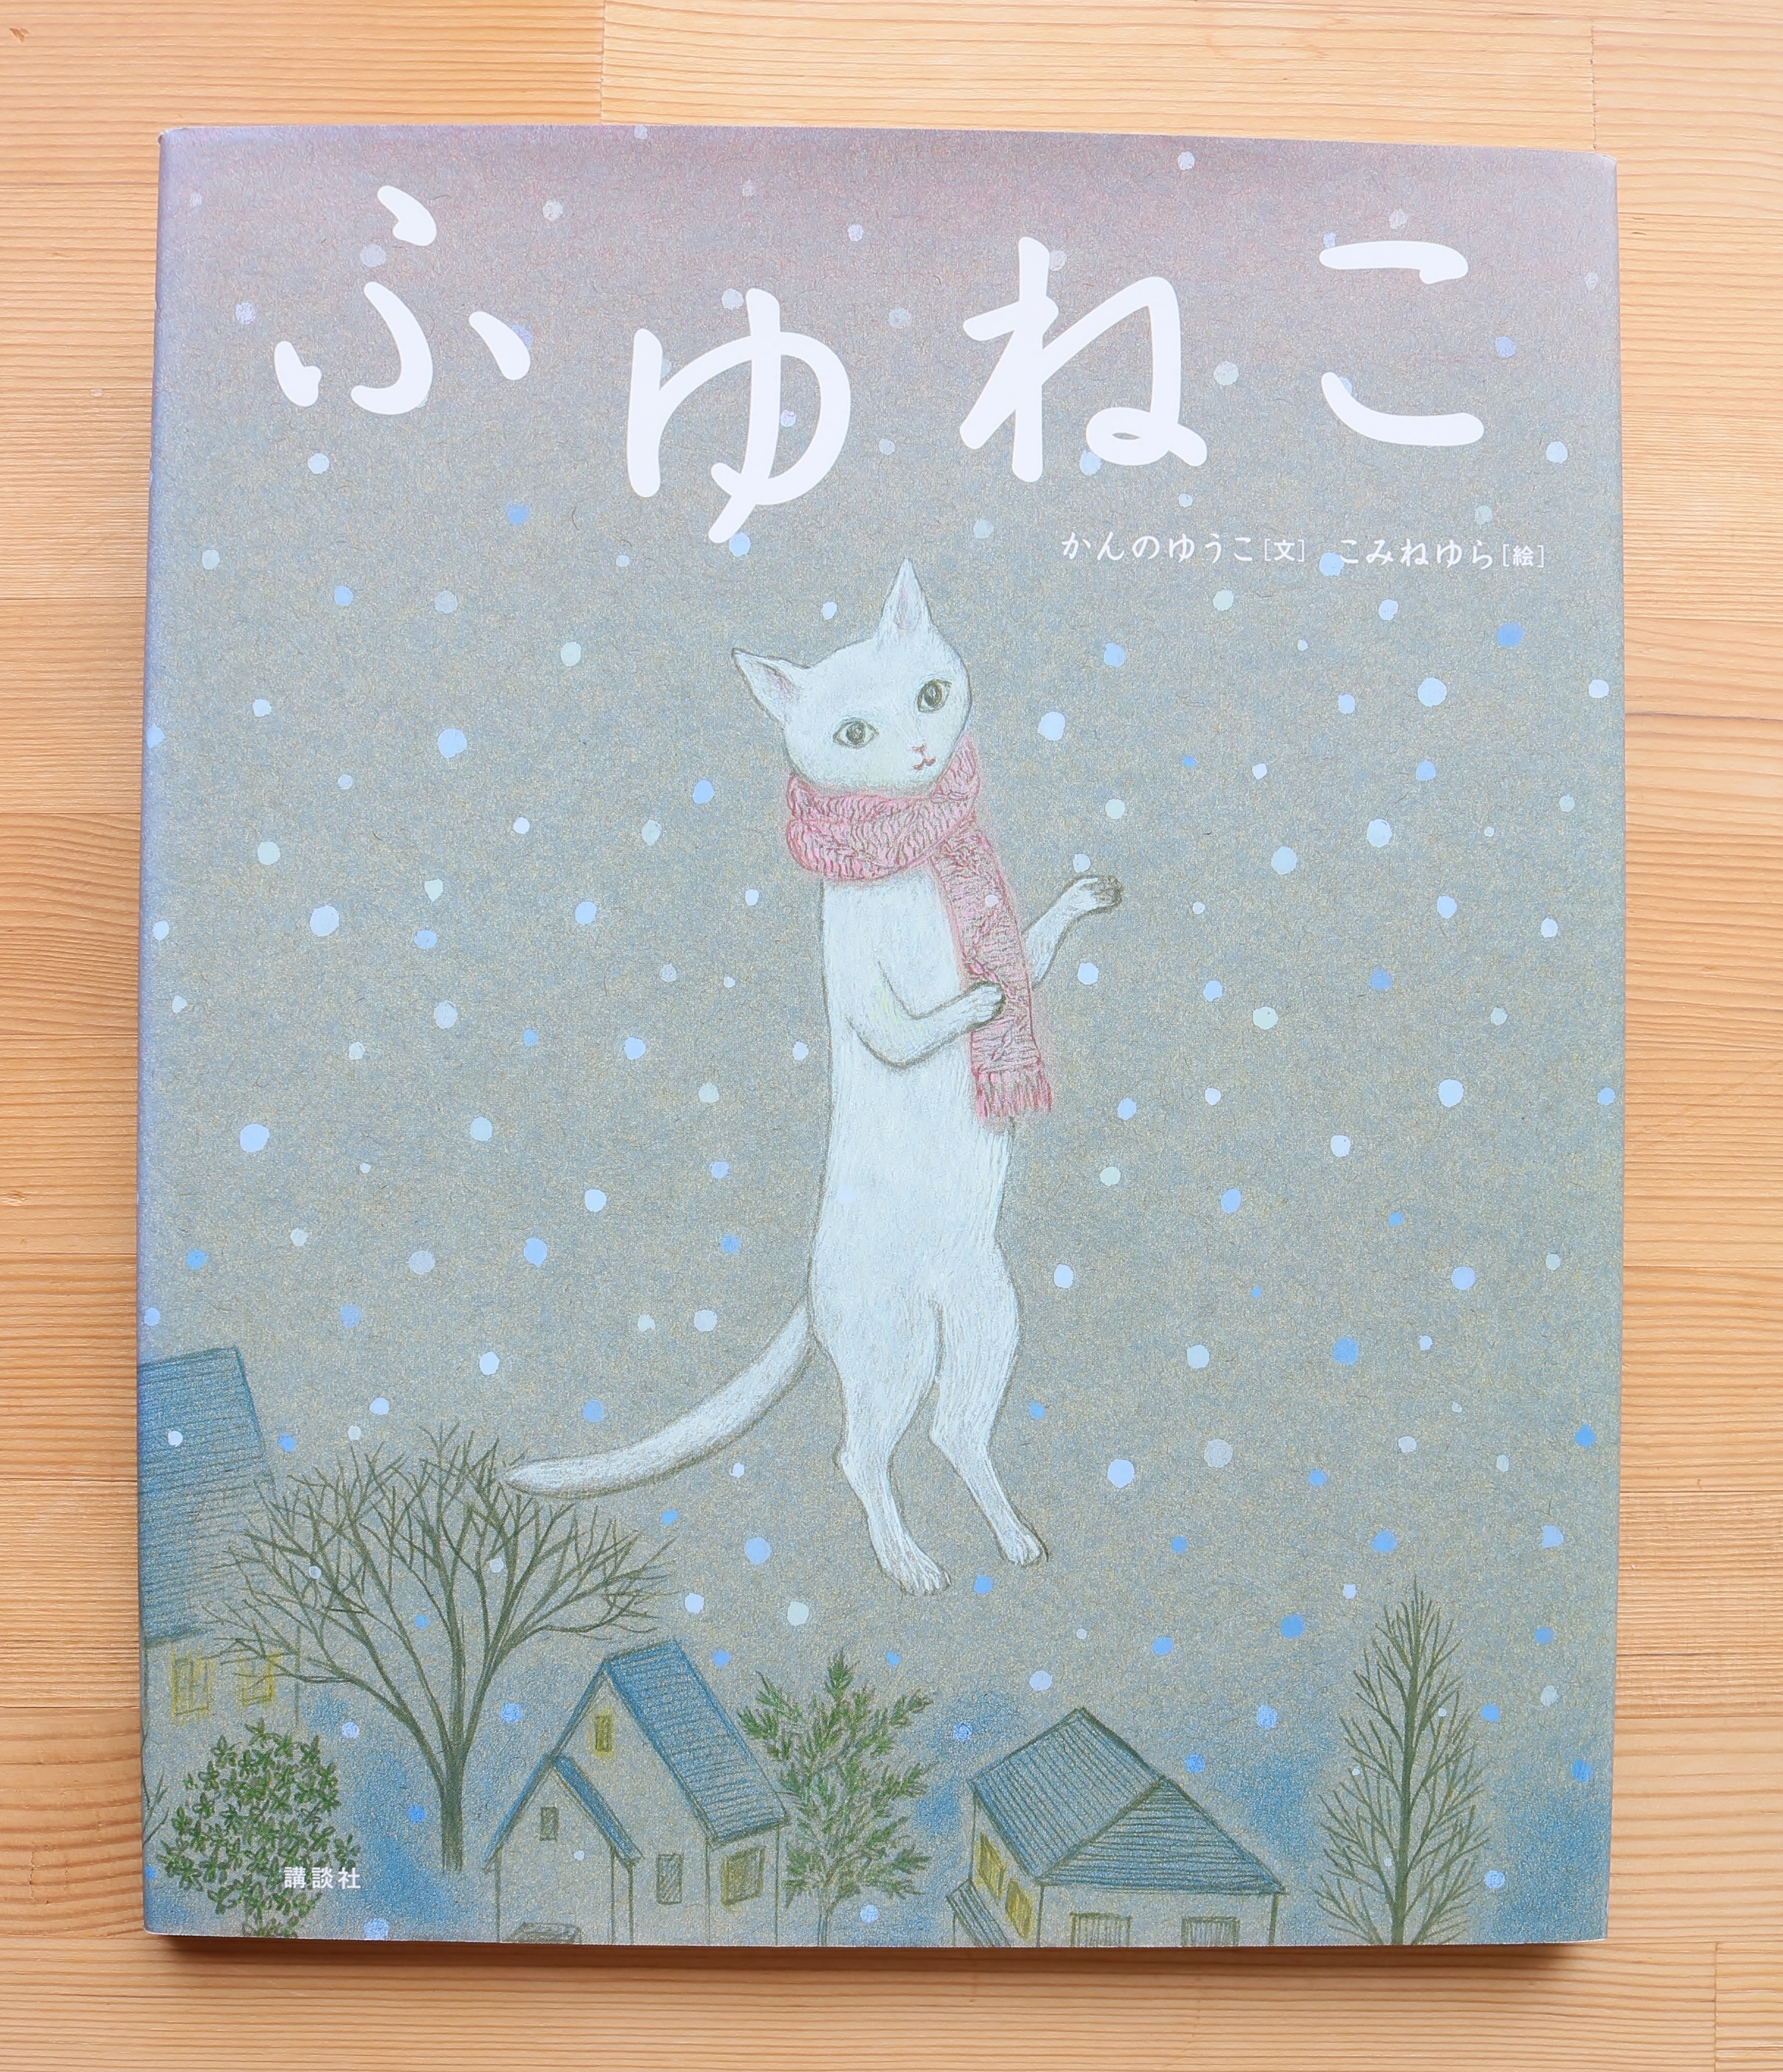 ふゆねこ 絵本 猫絵本 秋田 かぎしっぽ